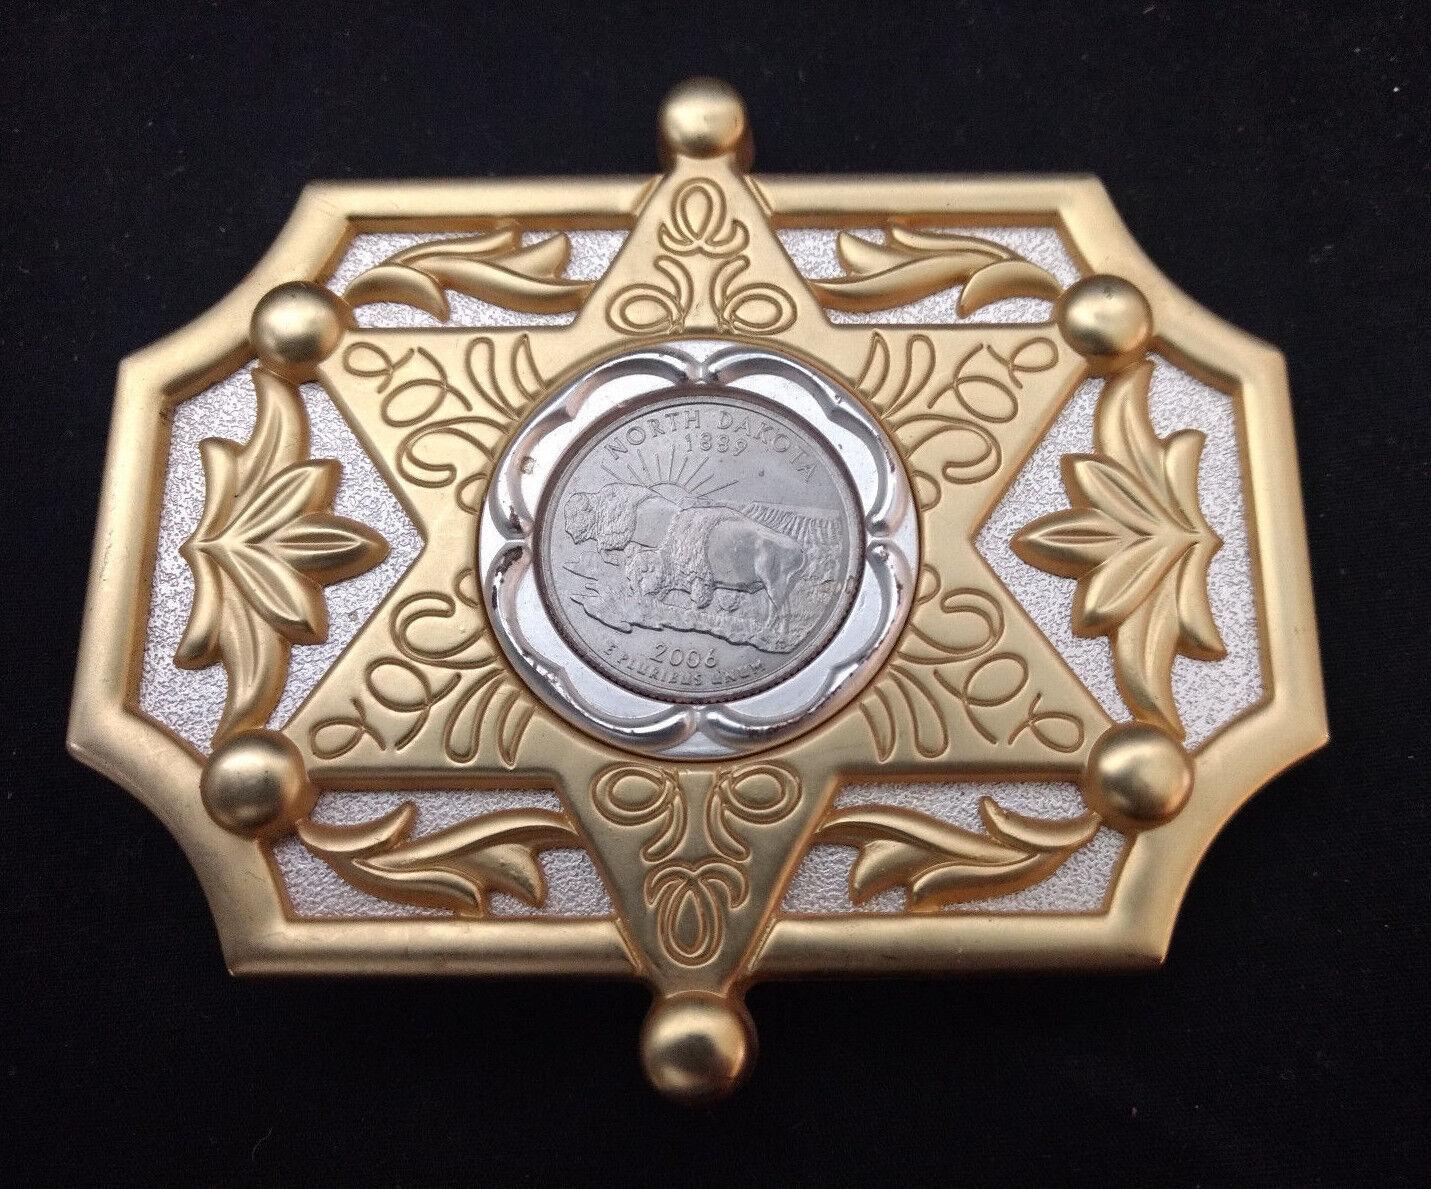 North Dakota Buffalo Coin In Belt Buckle Six Pointed Star Design 3 3/4